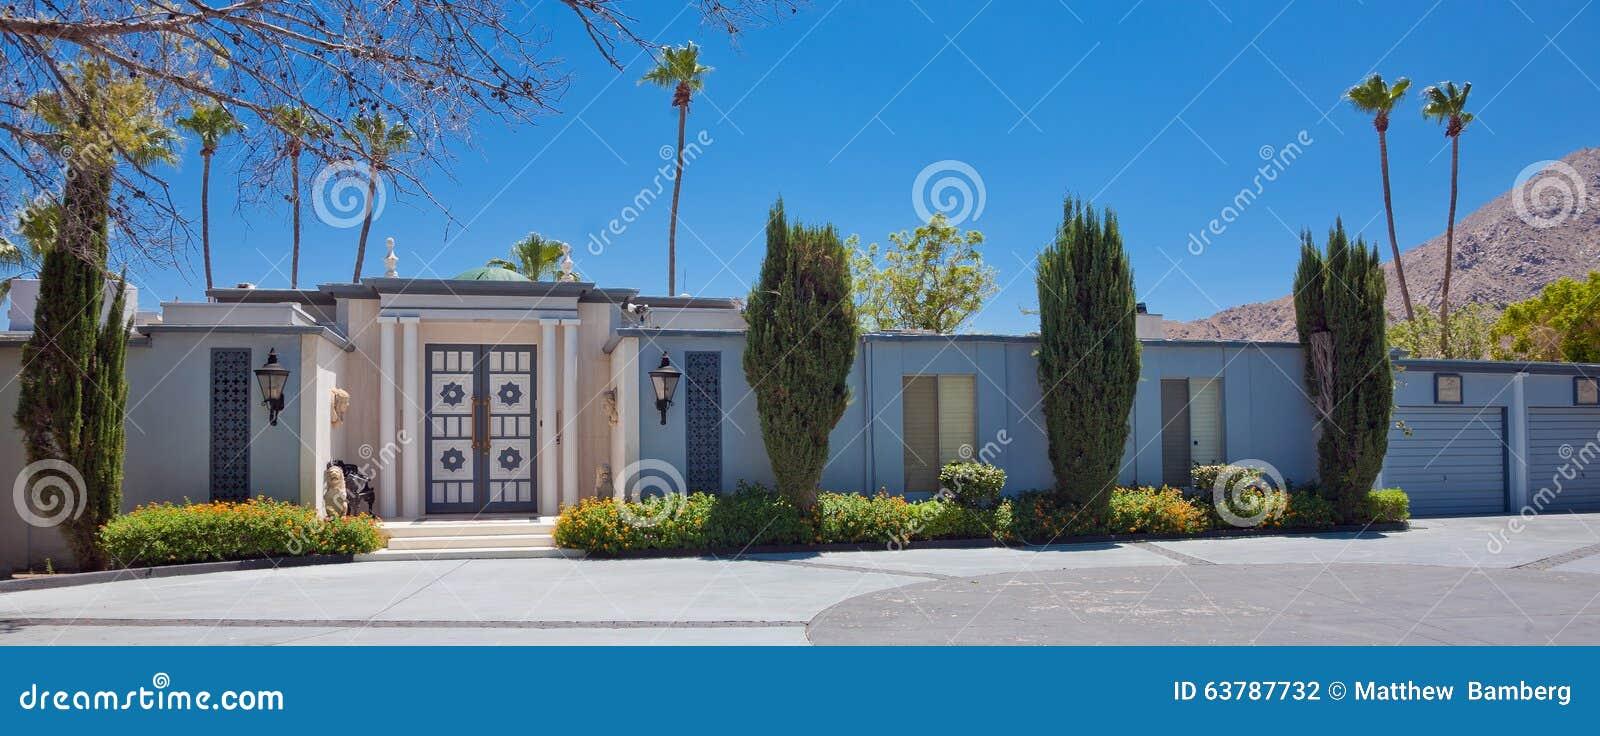 Maison moderne de la moitié du siècle